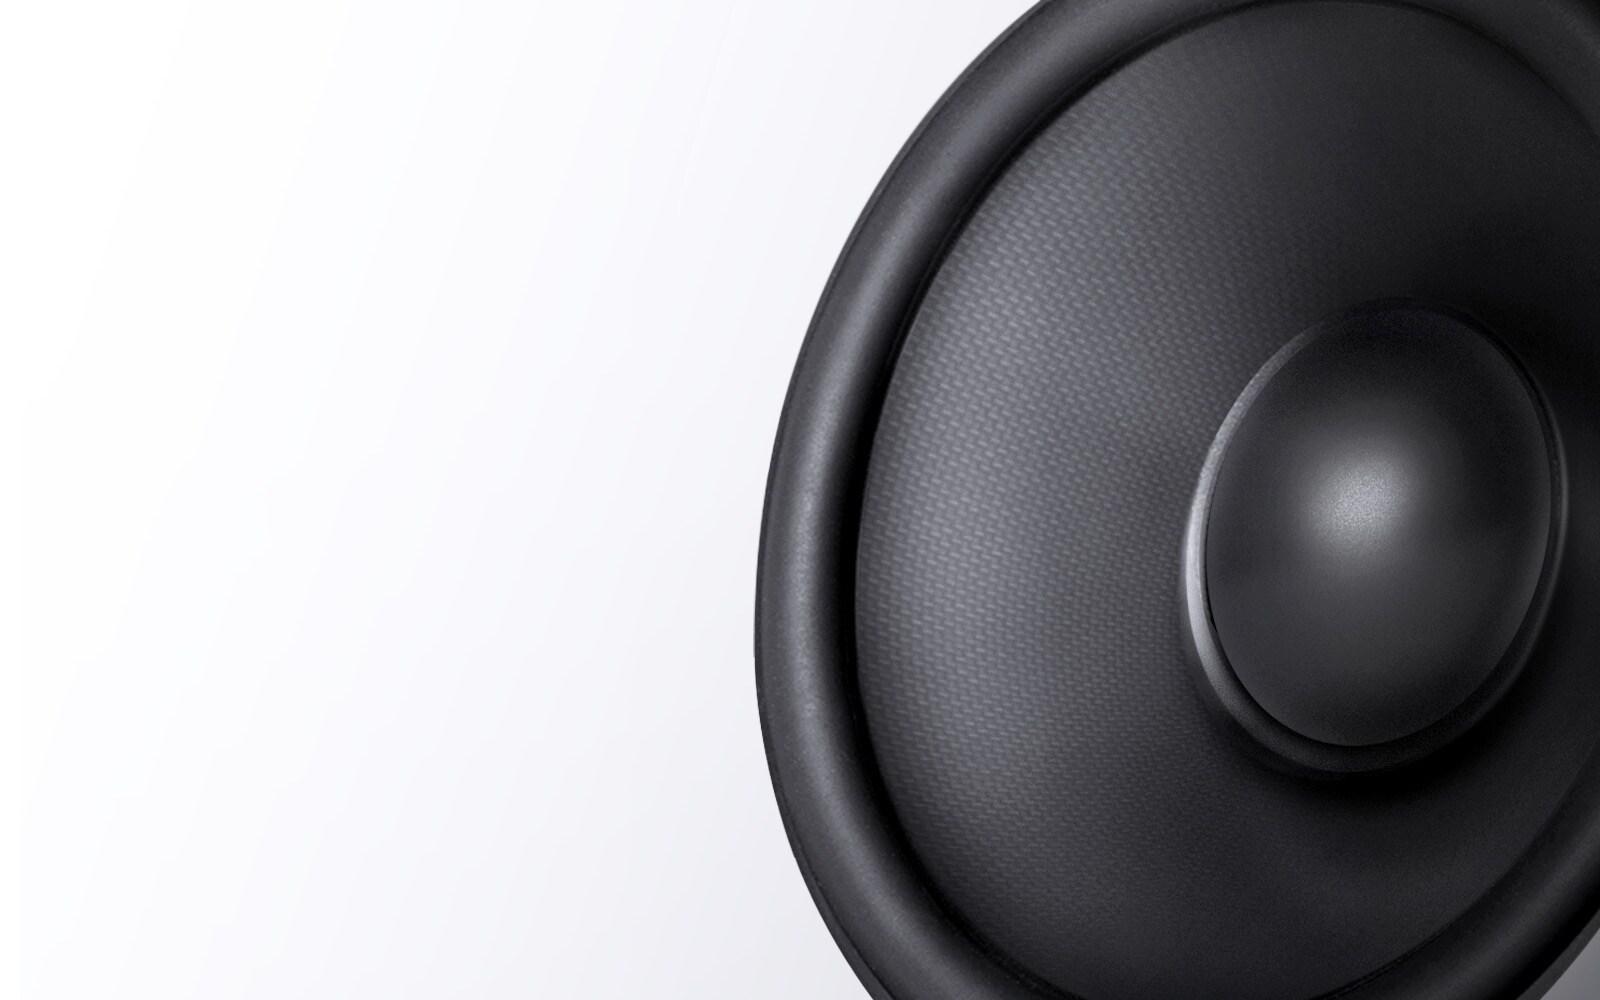 Loa trầm carbon cho âm thanh có độ trung thực cao1